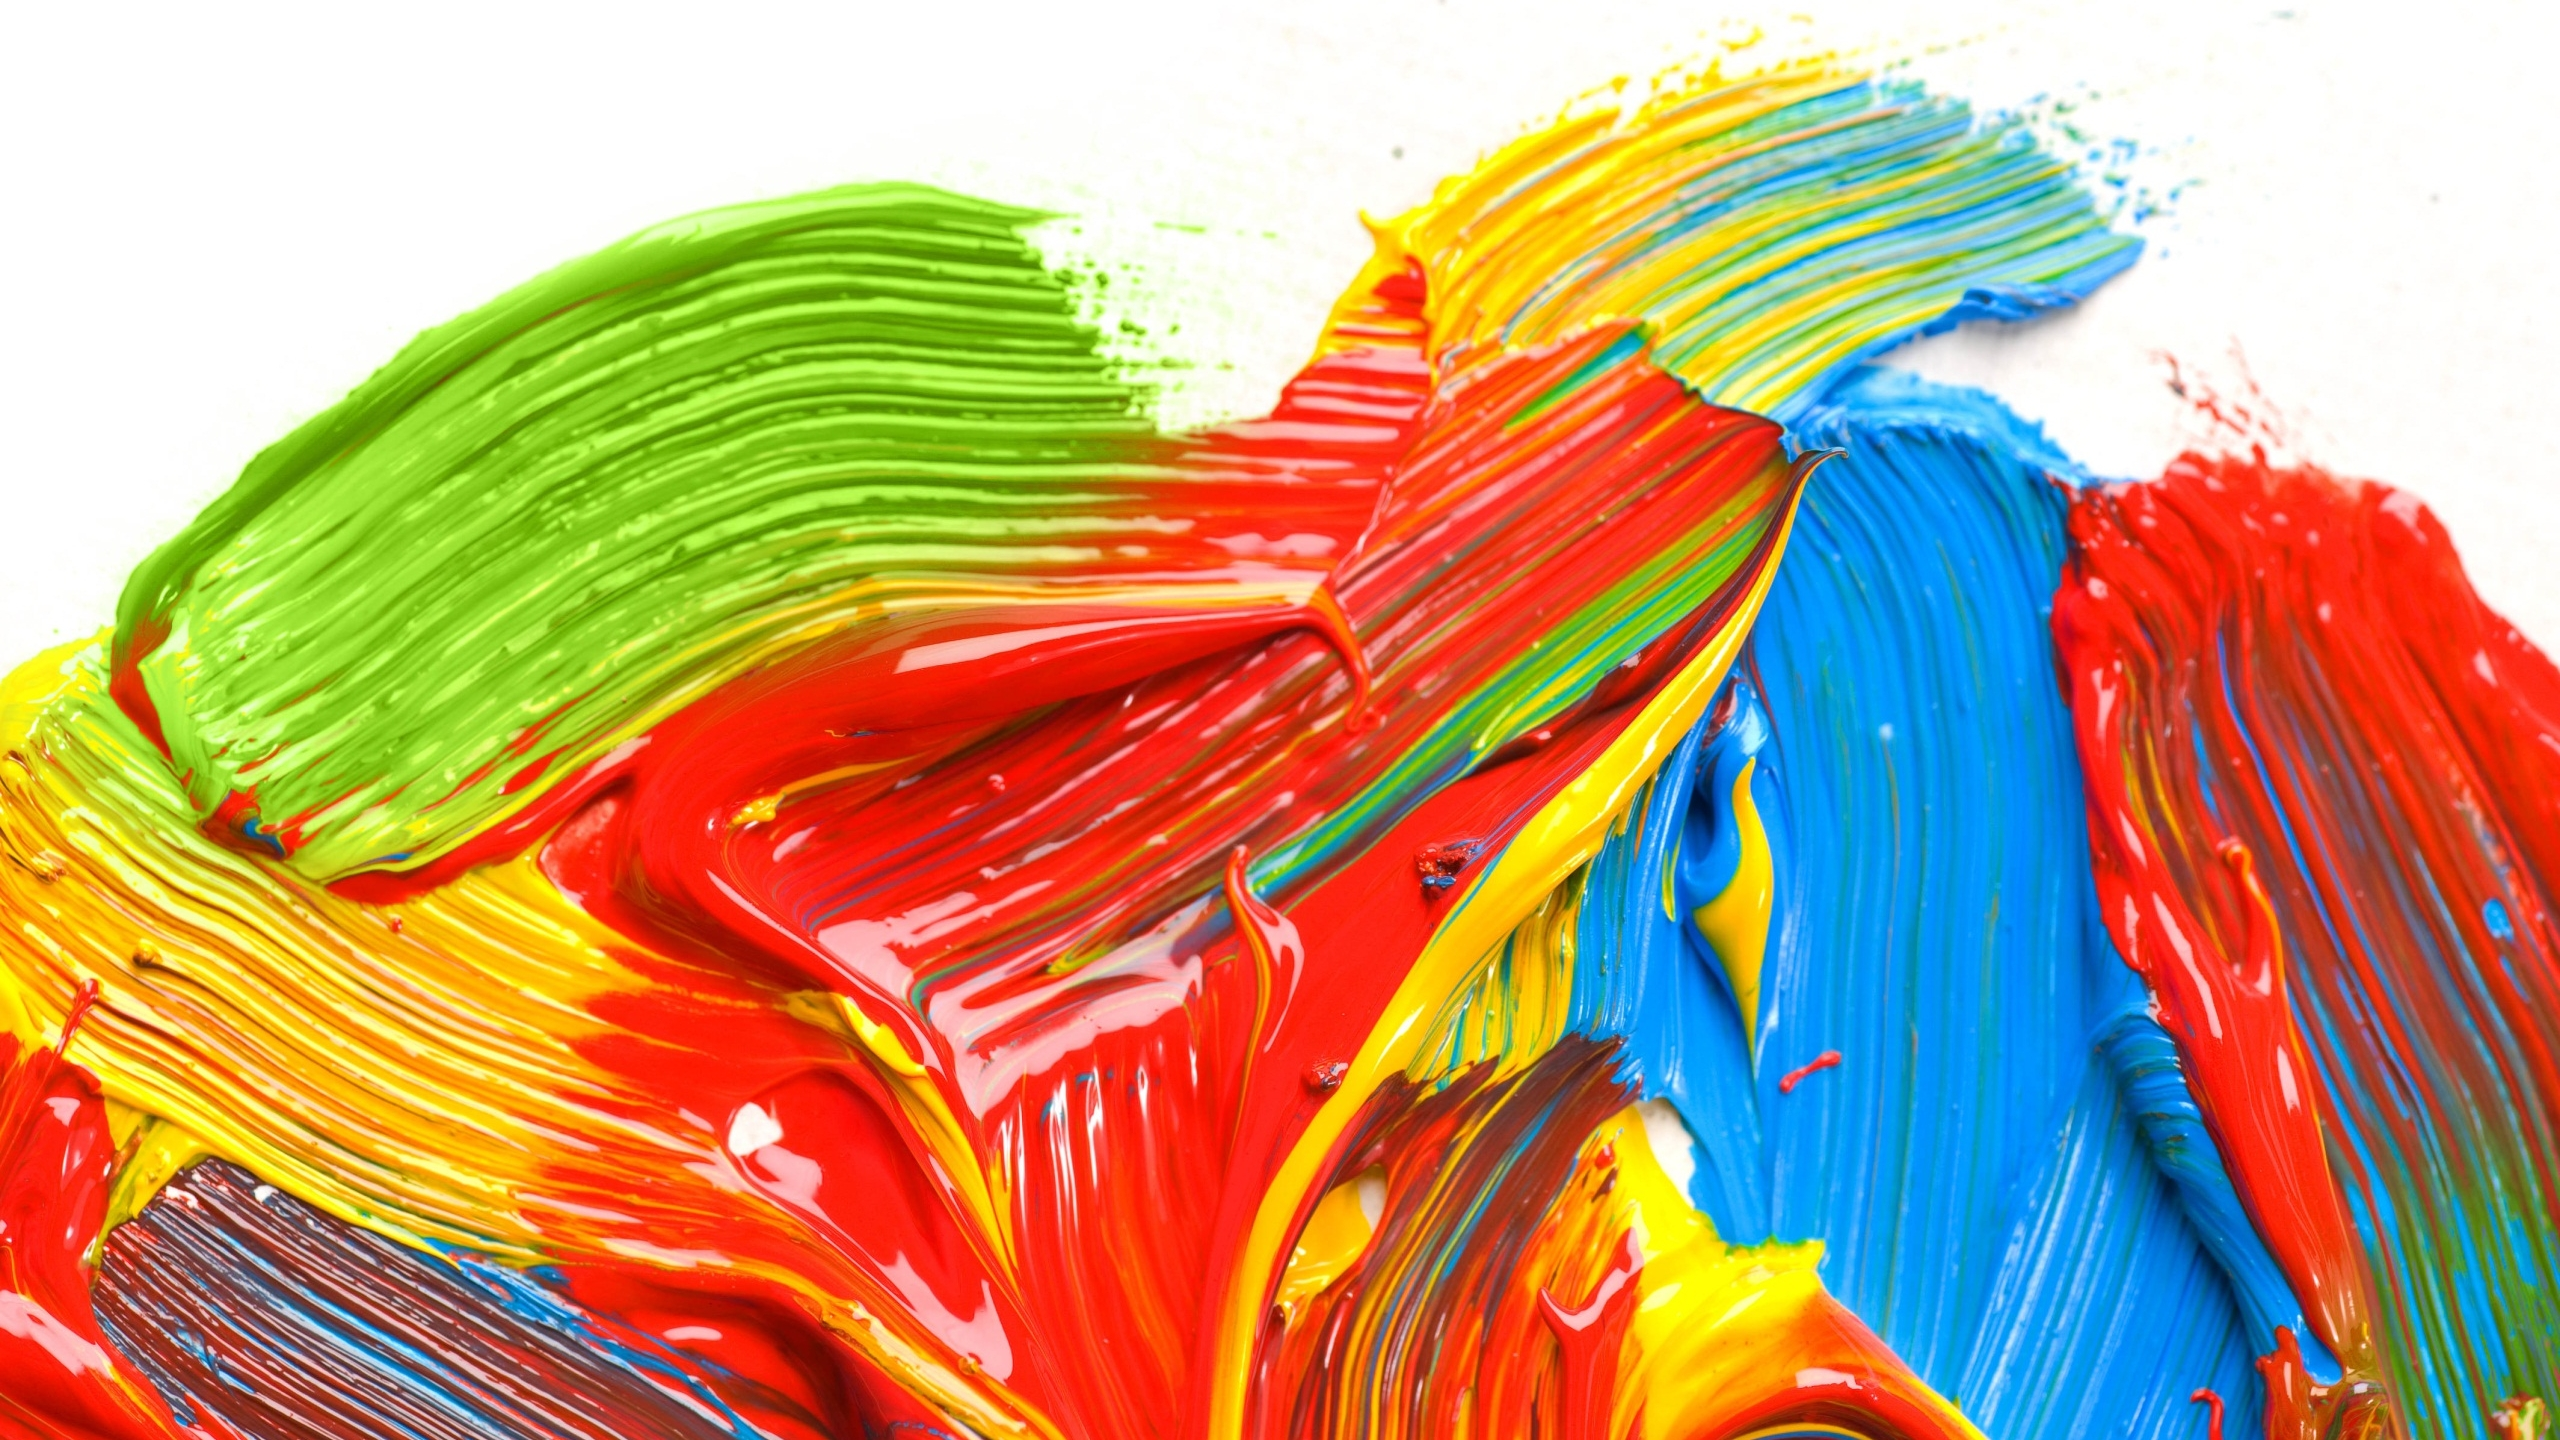 НЕ МУСОР, А ИНСТАЛЛЯЦИЯ: как зарабатывать на своем творчестве, даже если оно нравится только вам